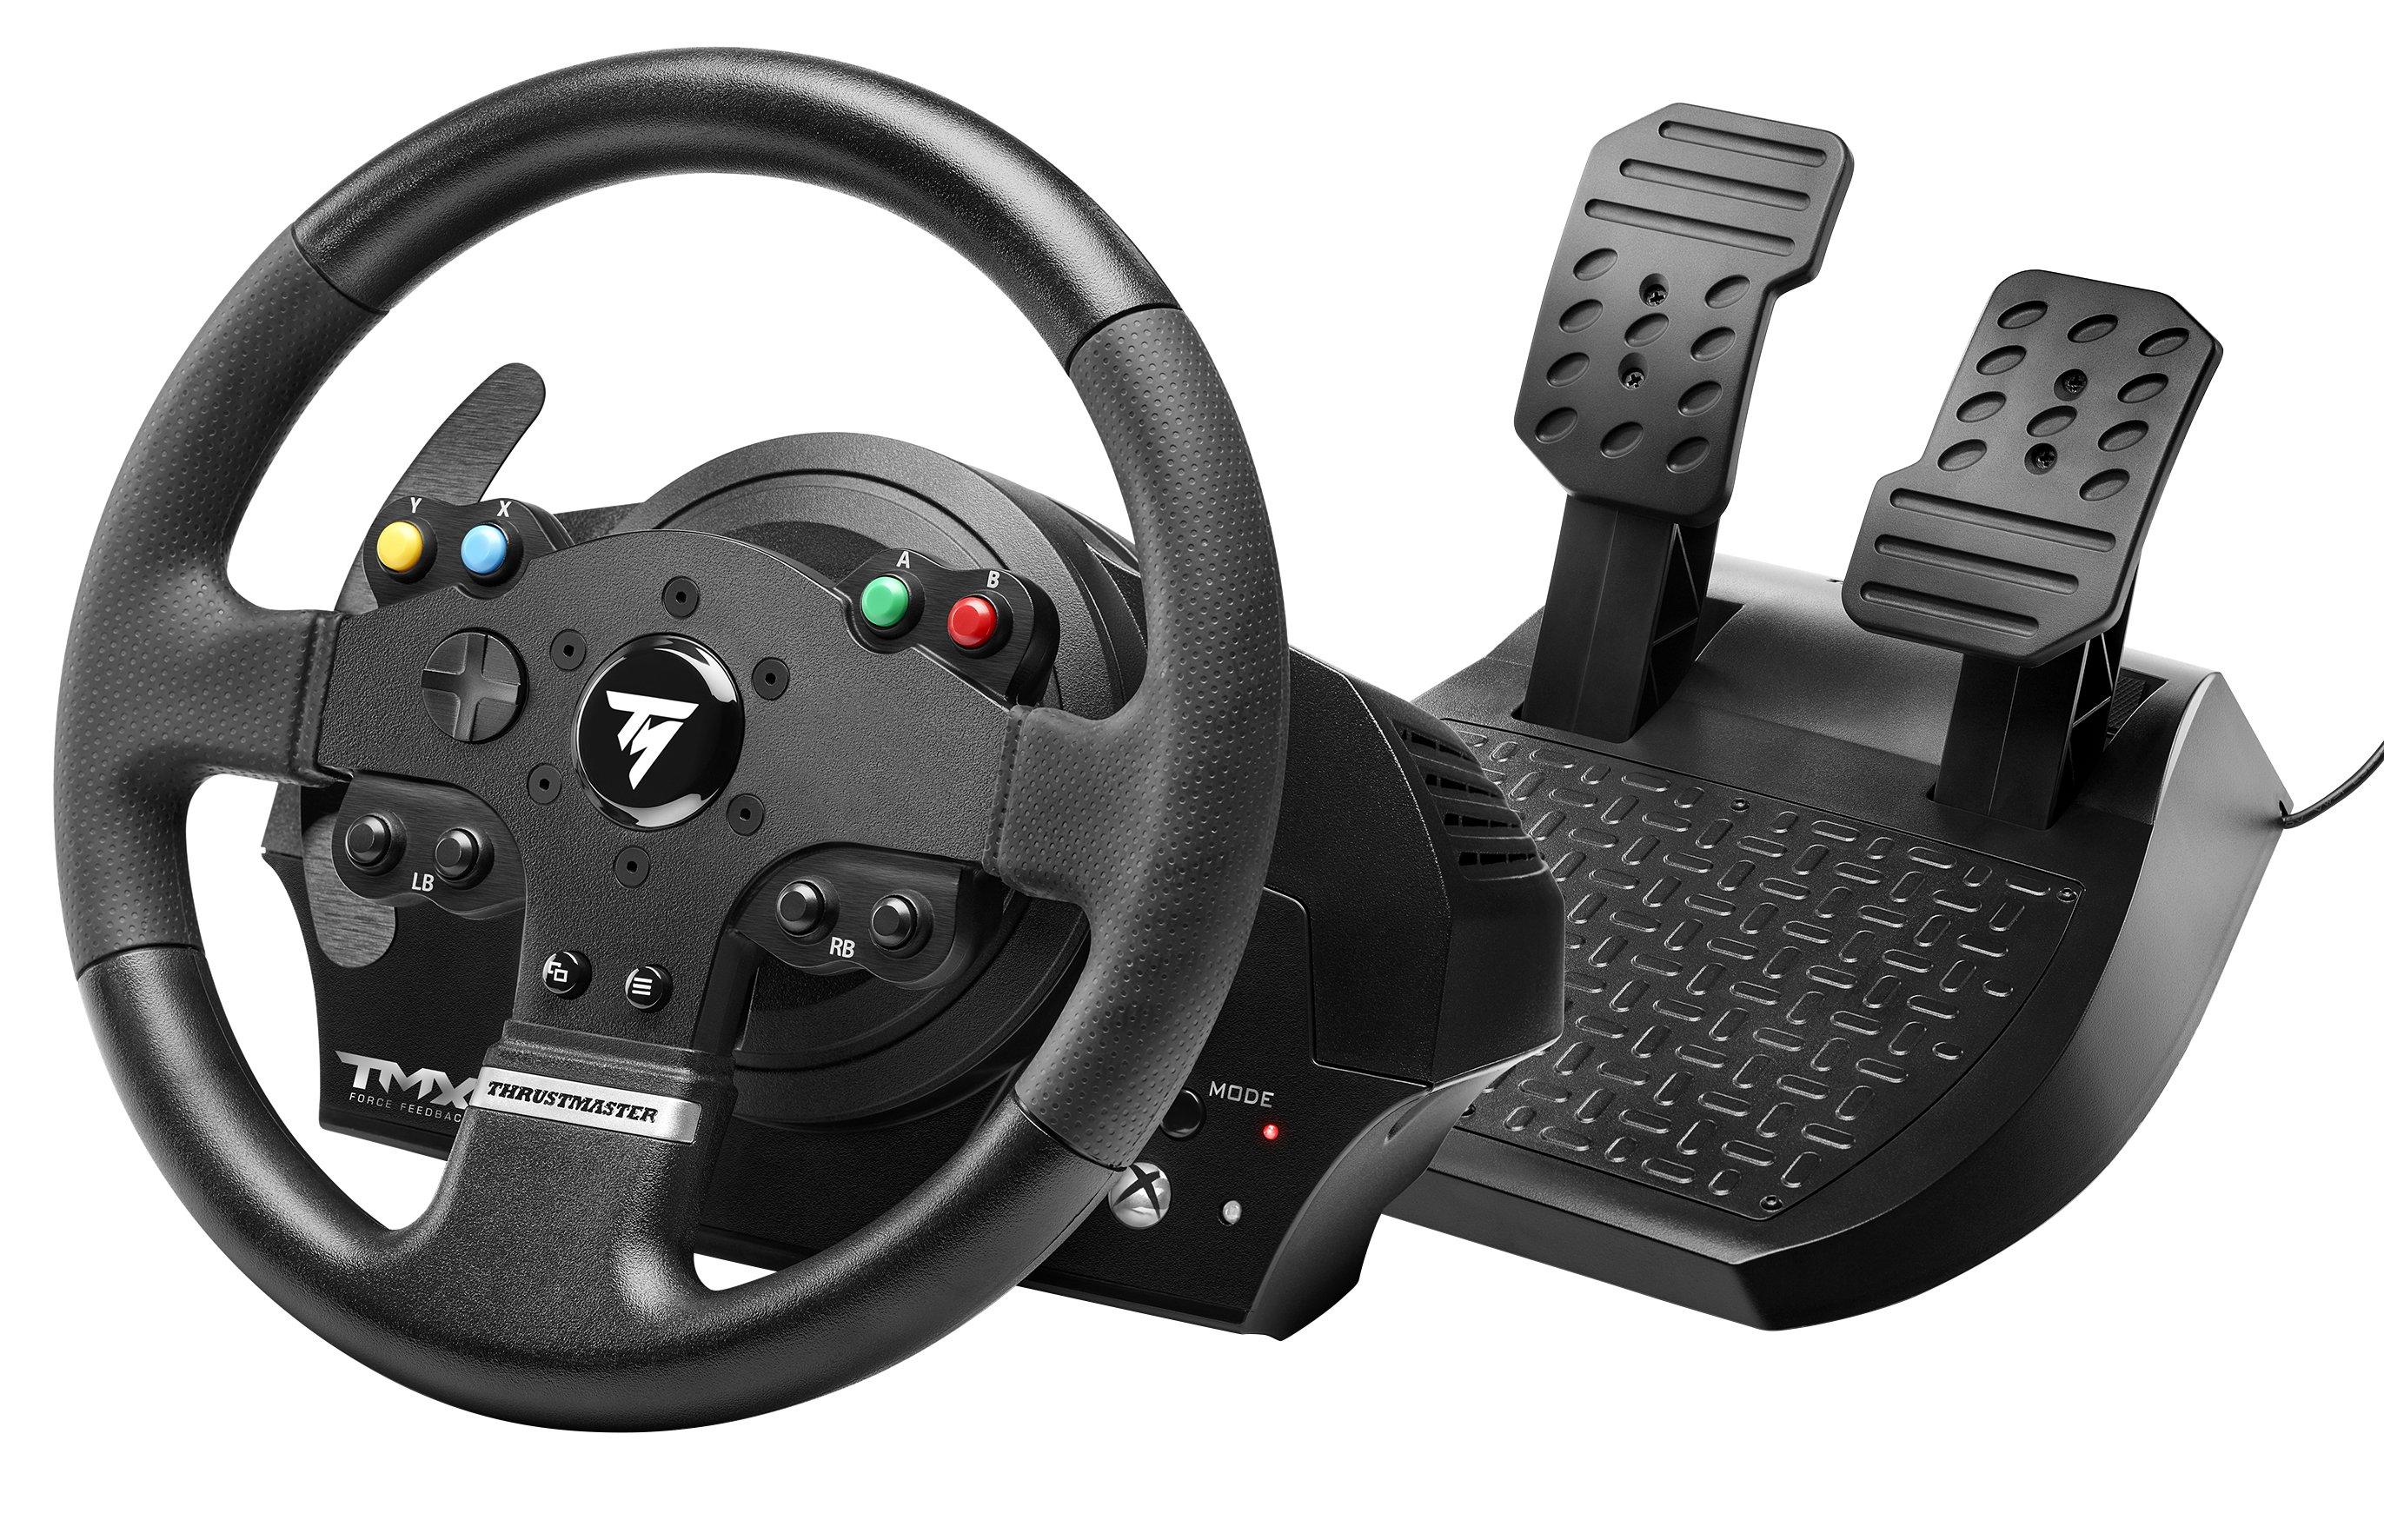 Thrustmaster - TMX Force Feedback Racing Wheel